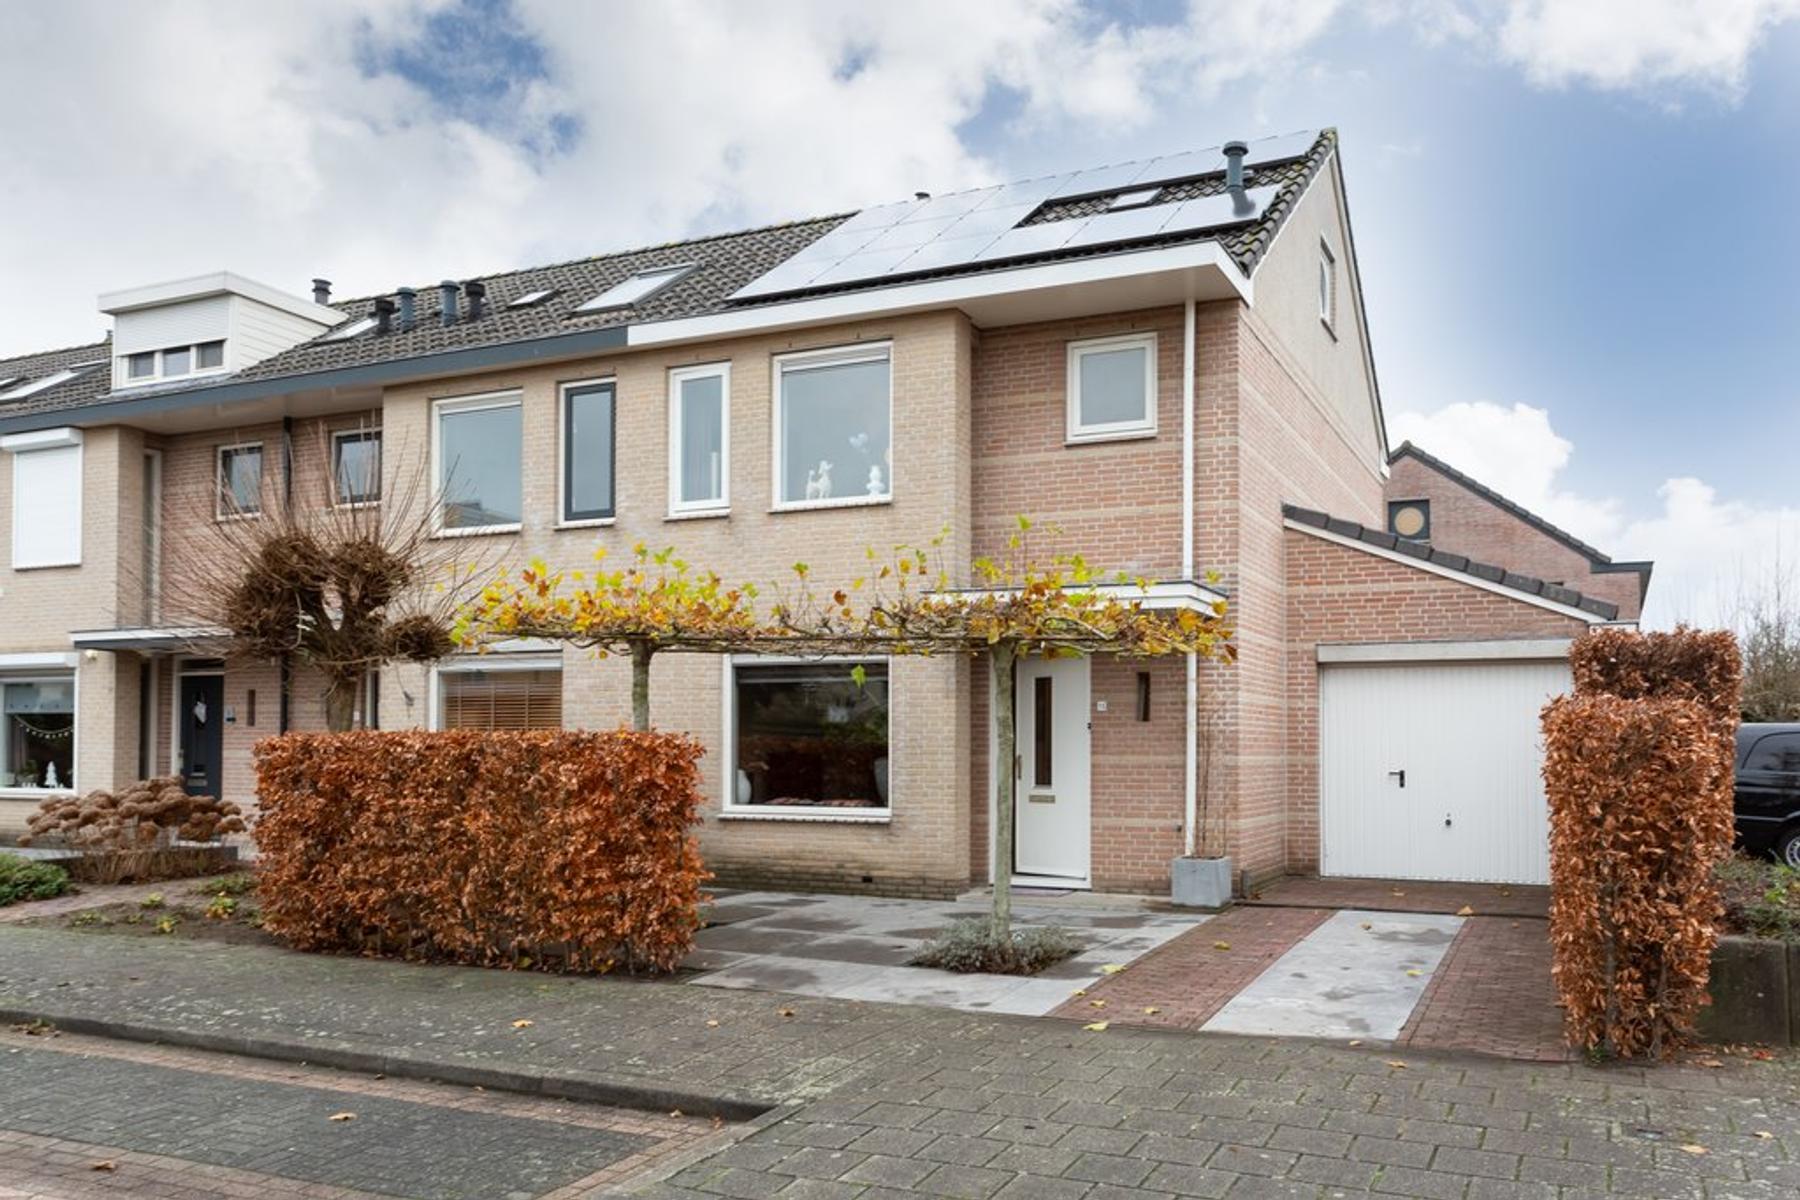 Houthavenweg 15 in Oosterhout 4902 DX